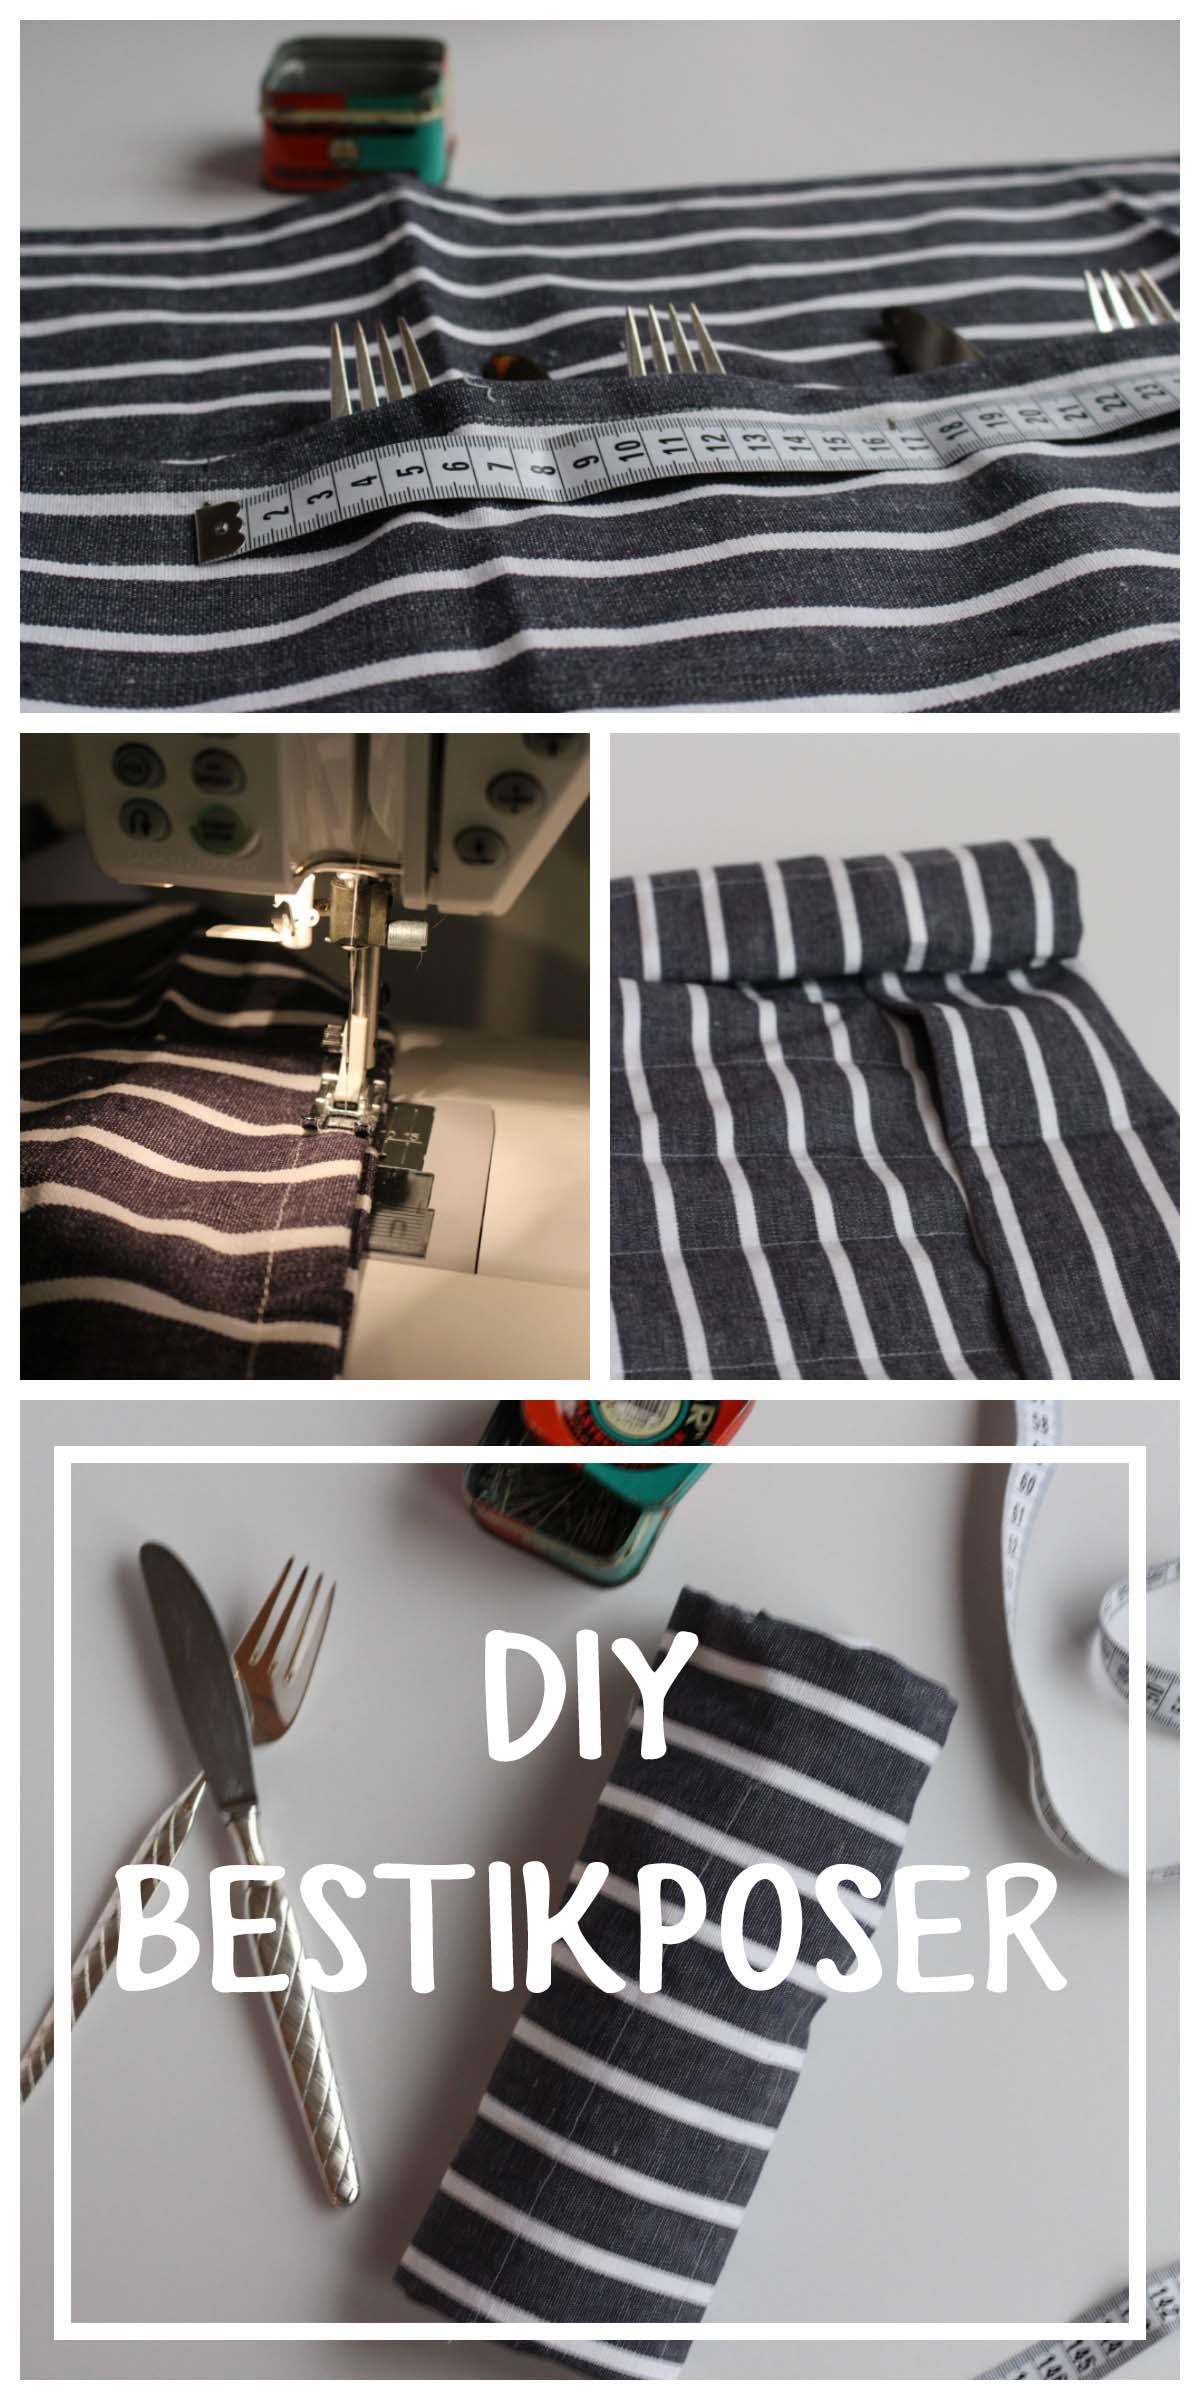 DIY Bestikposer